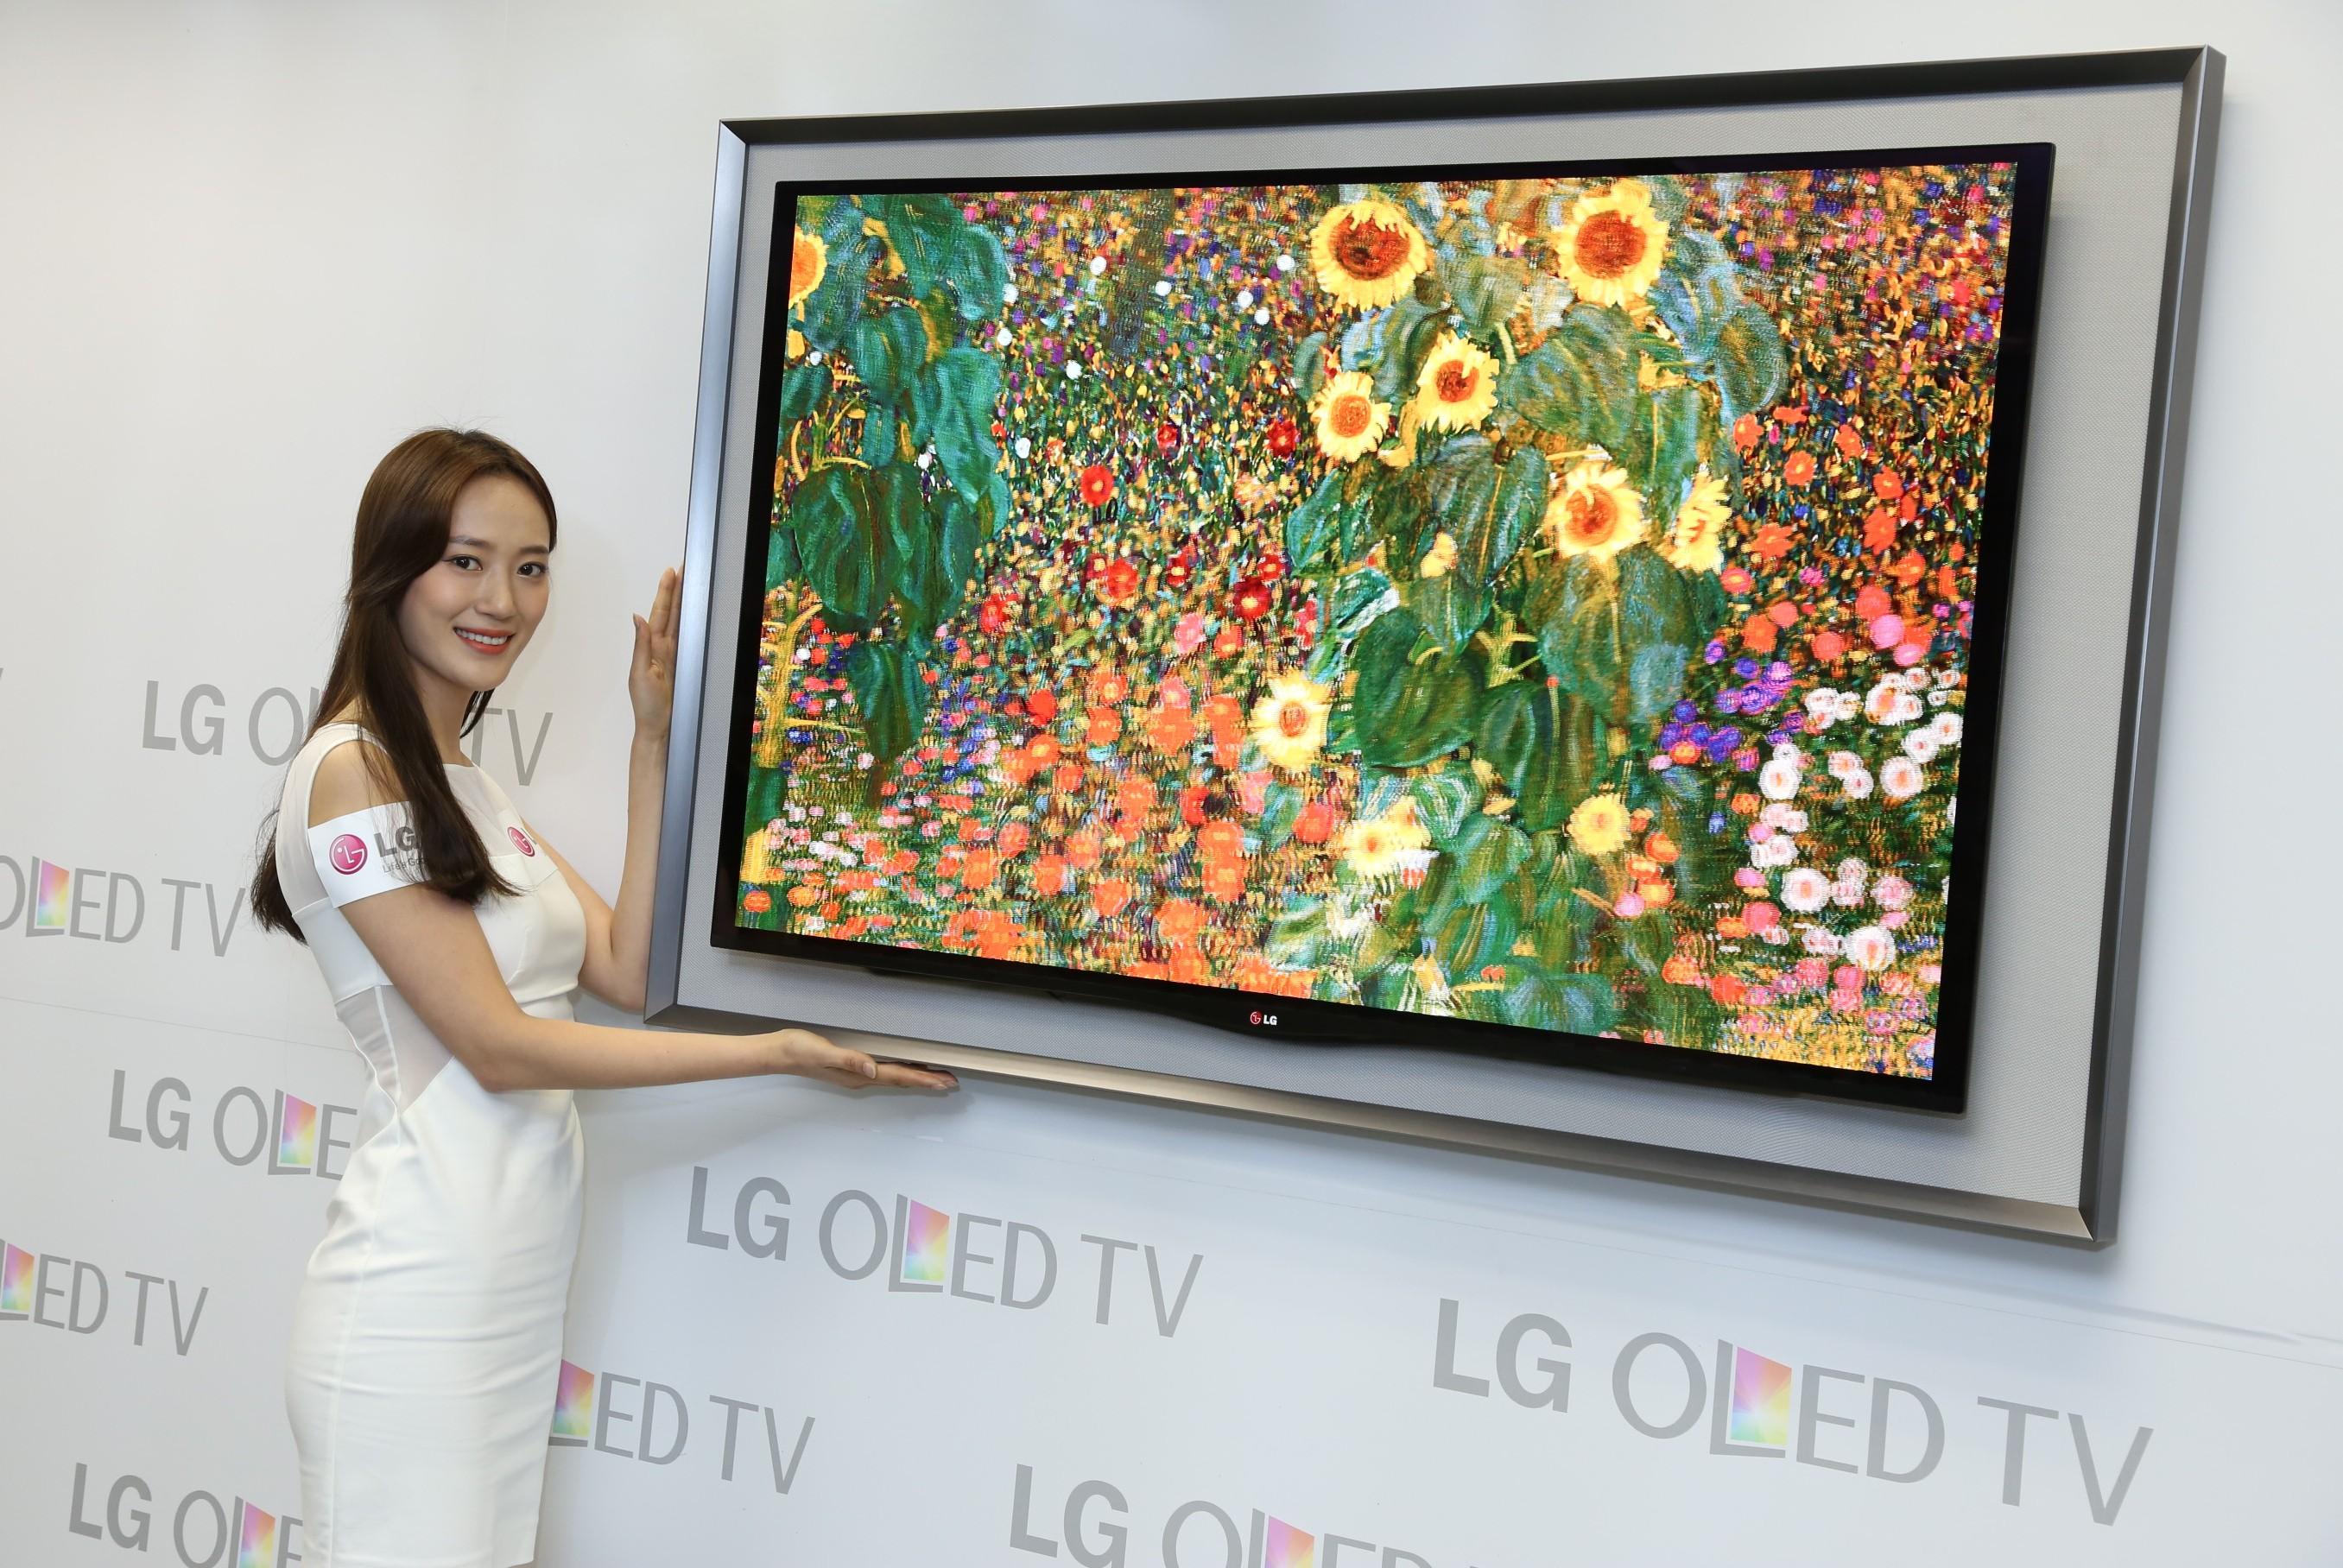 Televizor Smart TV LG Gallery OLED LG 55EA8800